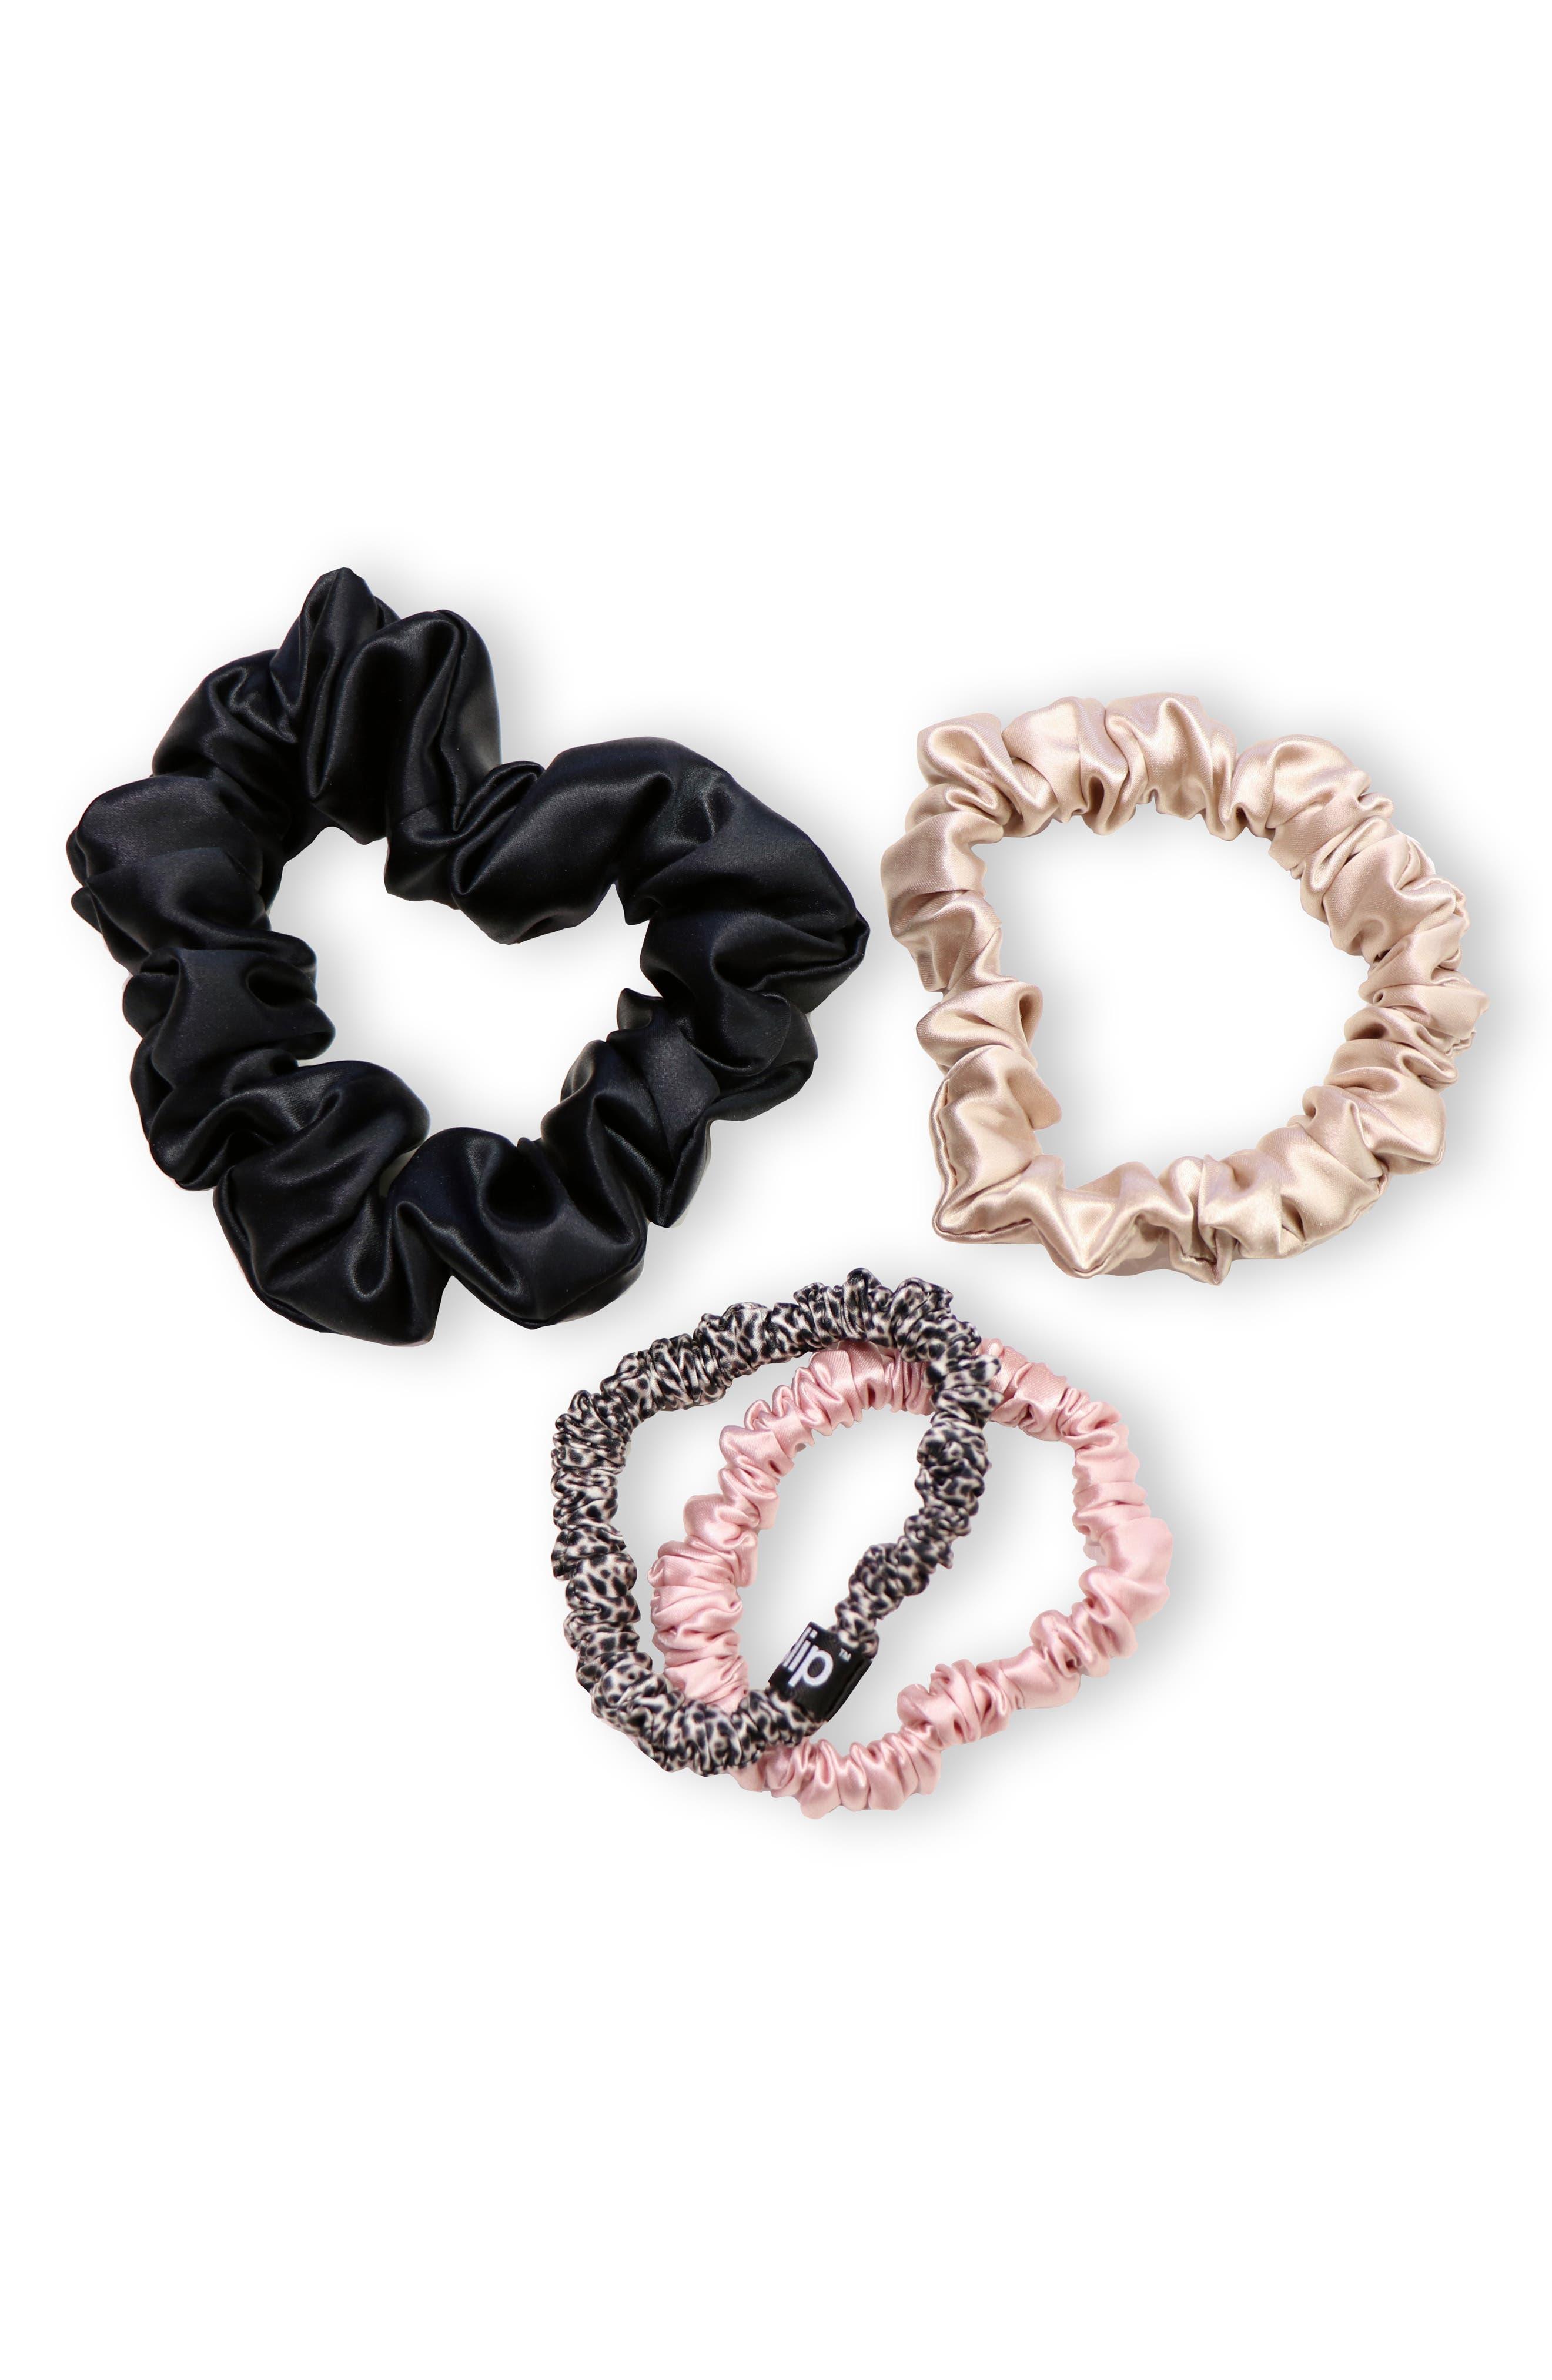 Slip™ For Beauty Sleep Good Hair Day Hair Tie & Headband Set by Slip For Beauty Sleep